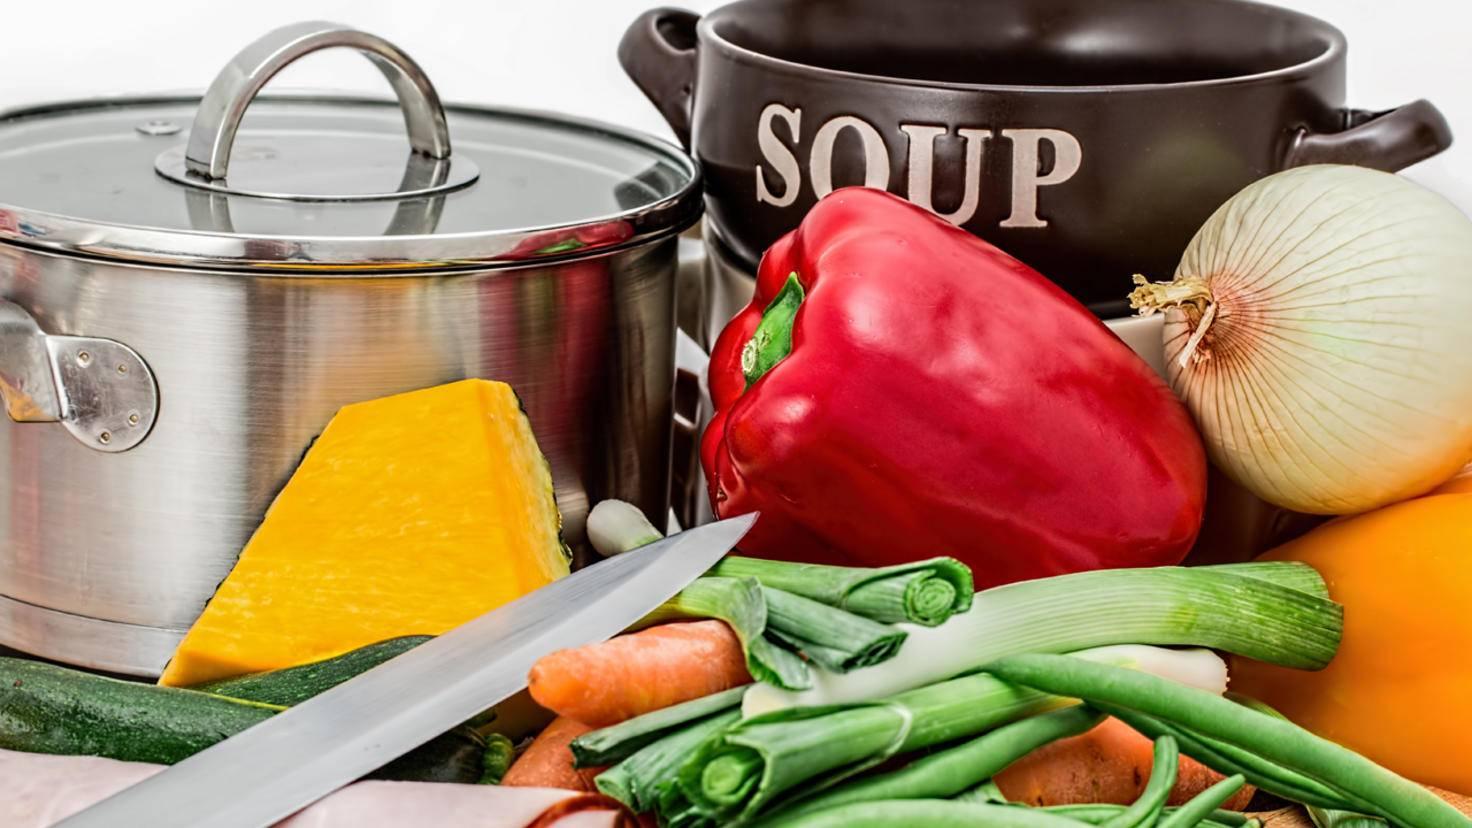 Suppengemüse bleibt knackig, wenn Du die Garzeit vor dem Einfrieren anpasst.